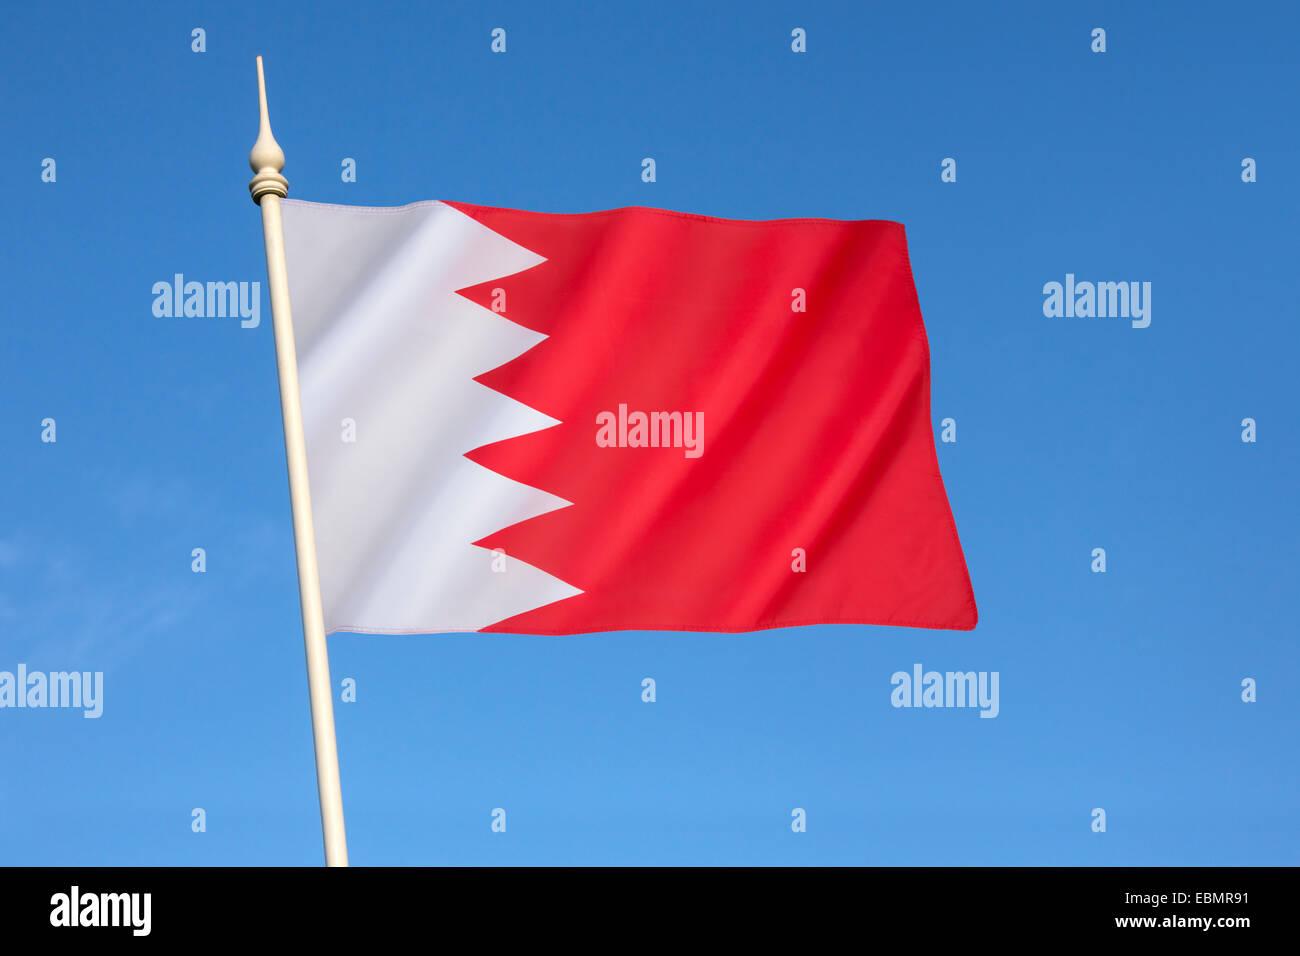 Bandera de Baréin Imagen De Stock